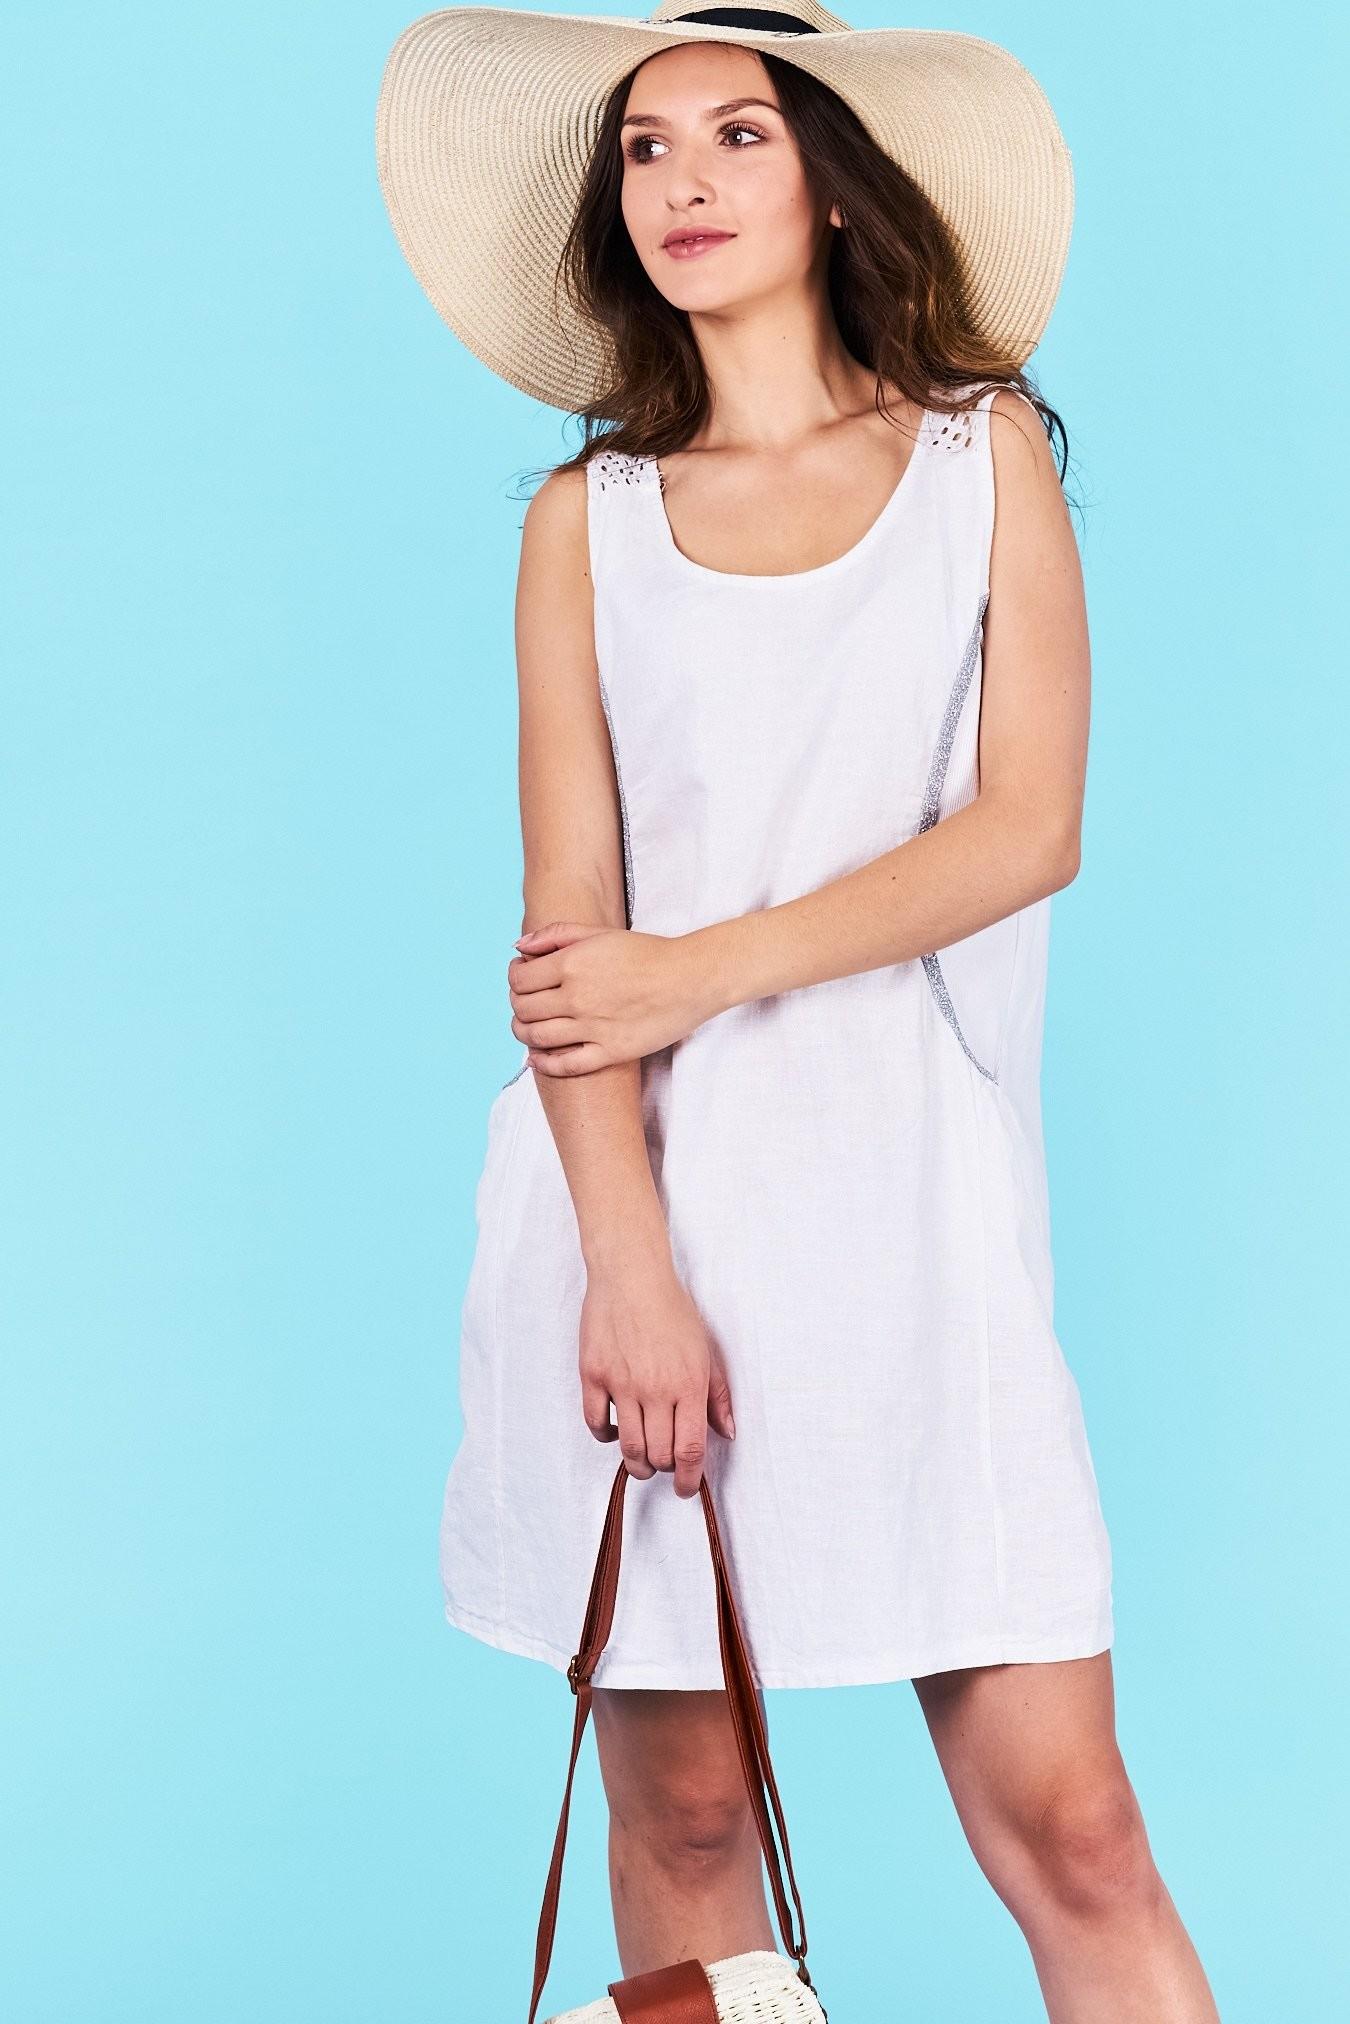 Dámske letné šaty biele Khloe Veľkosť UNI-verzálna Vyrobené z príjemného  materiálu. Pohodlné šaty 336c153c807